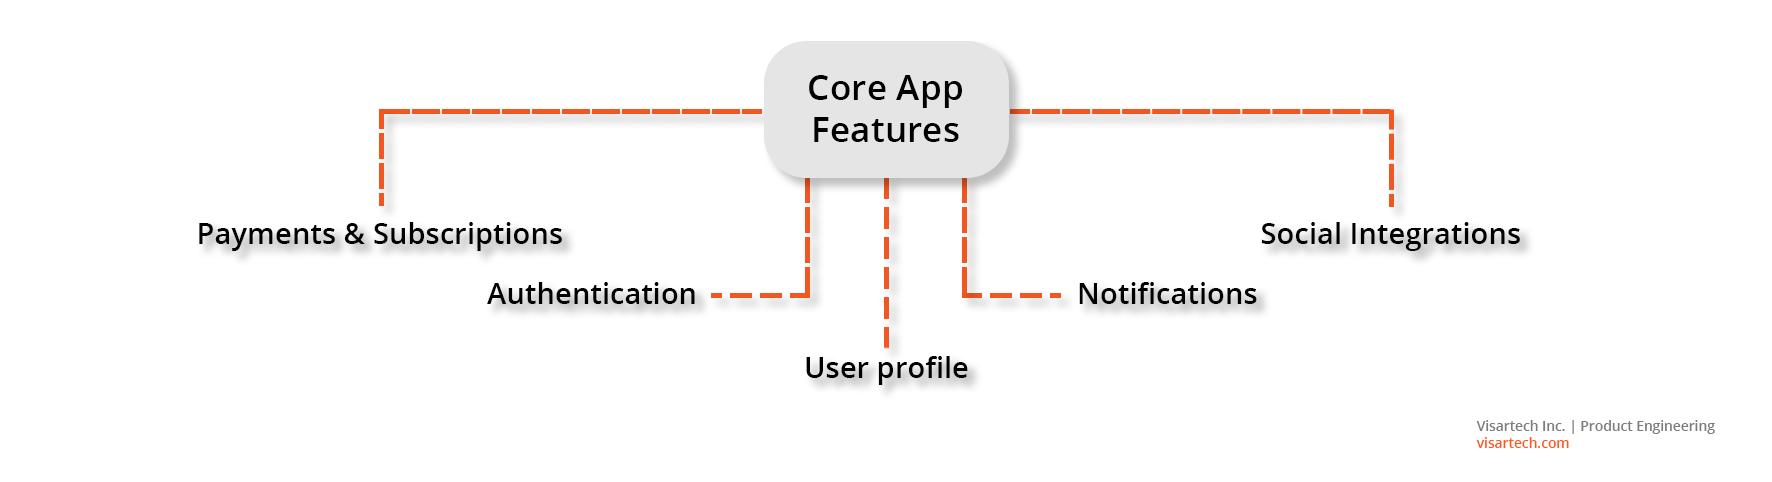 Core App Features - Visartech Blog